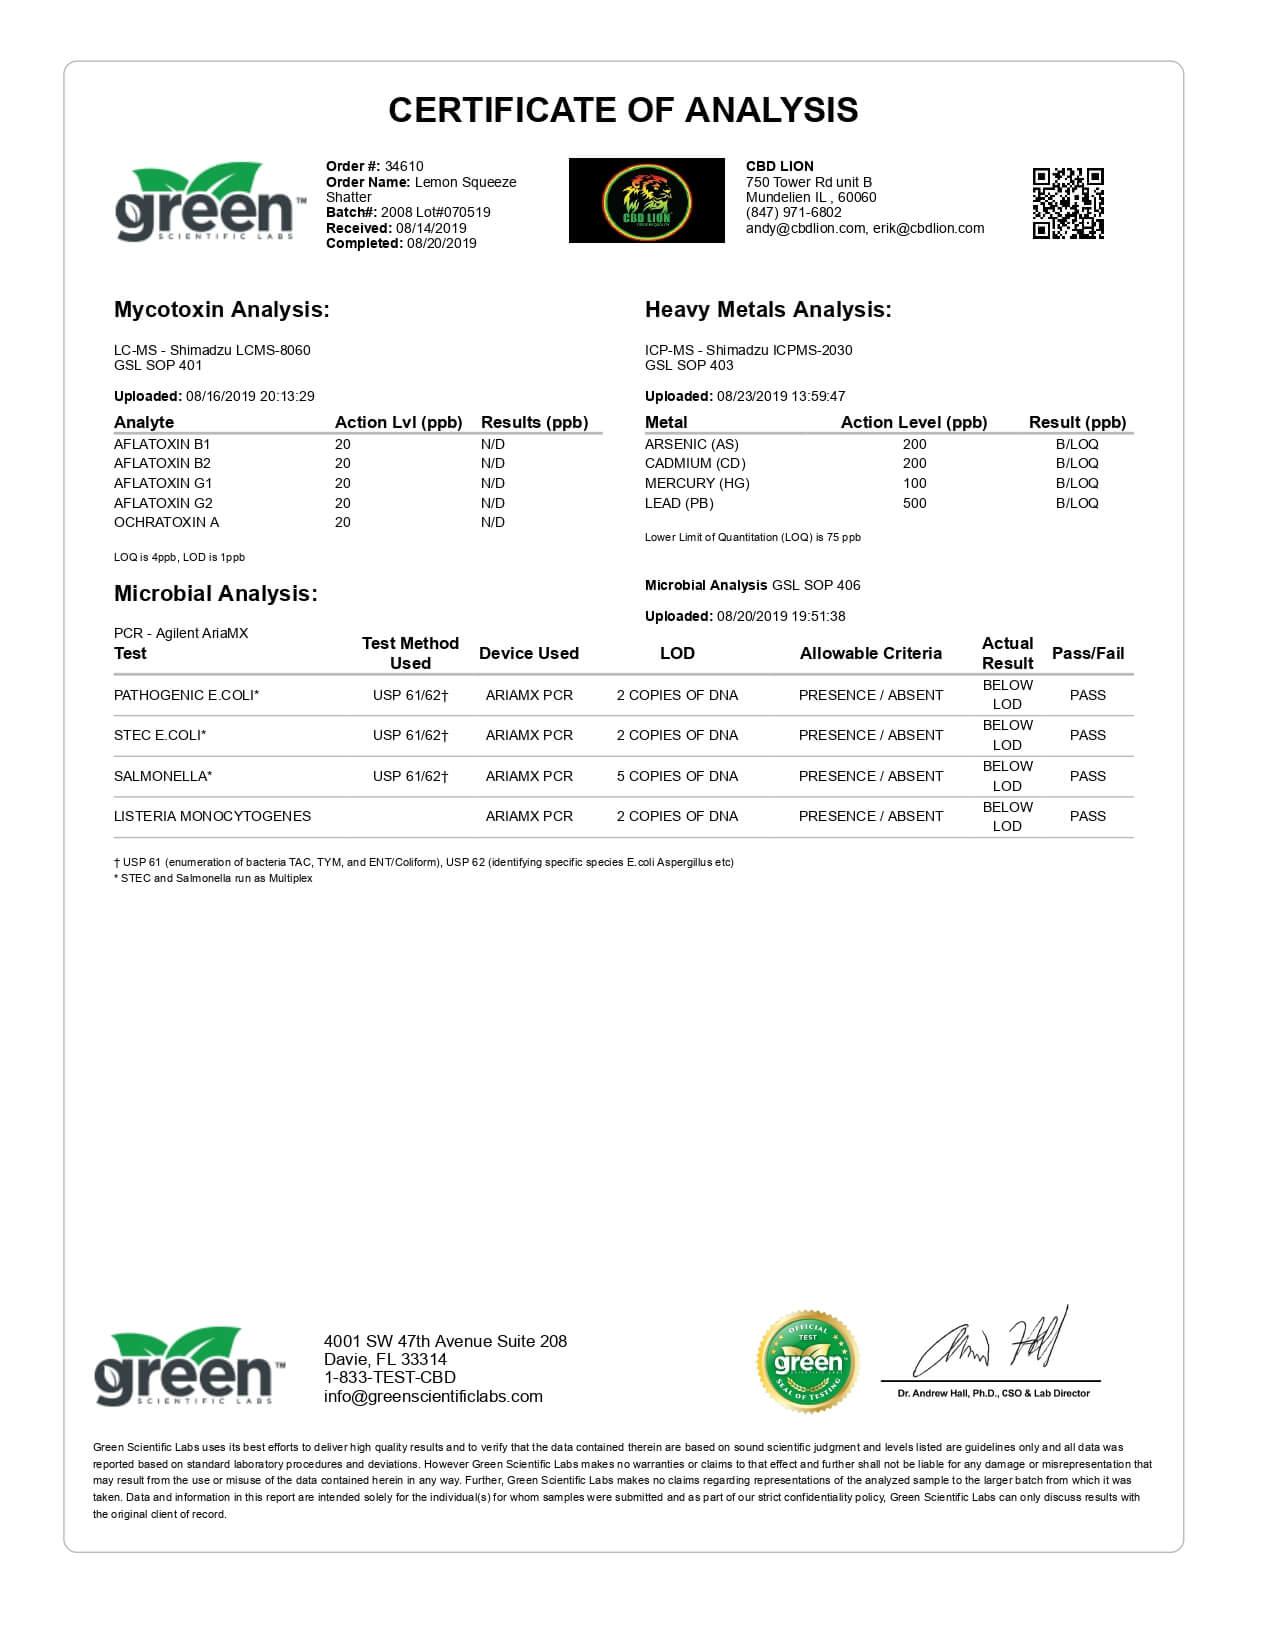 CBD Lion CBD Concentrate Lemon Squeeze Shatter 1g Lab Report